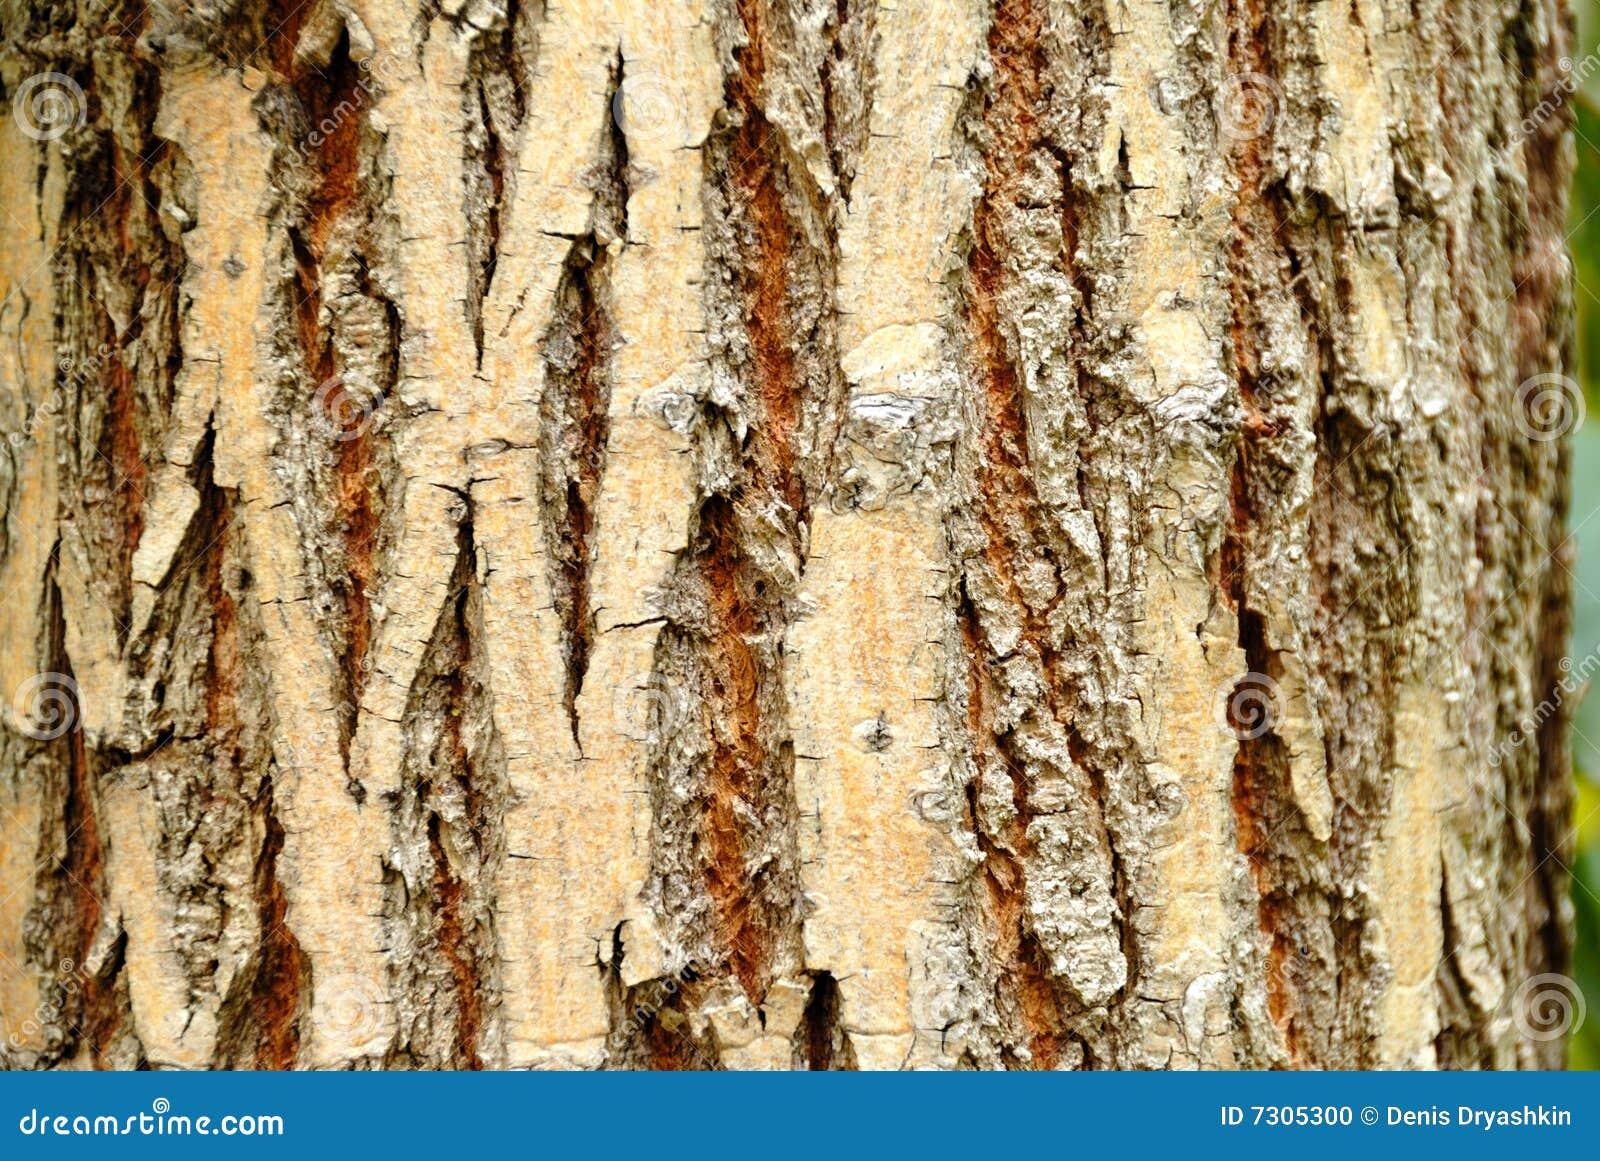 Download Corteccia di albero fotografia stock. Immagine di pianta - 7305300